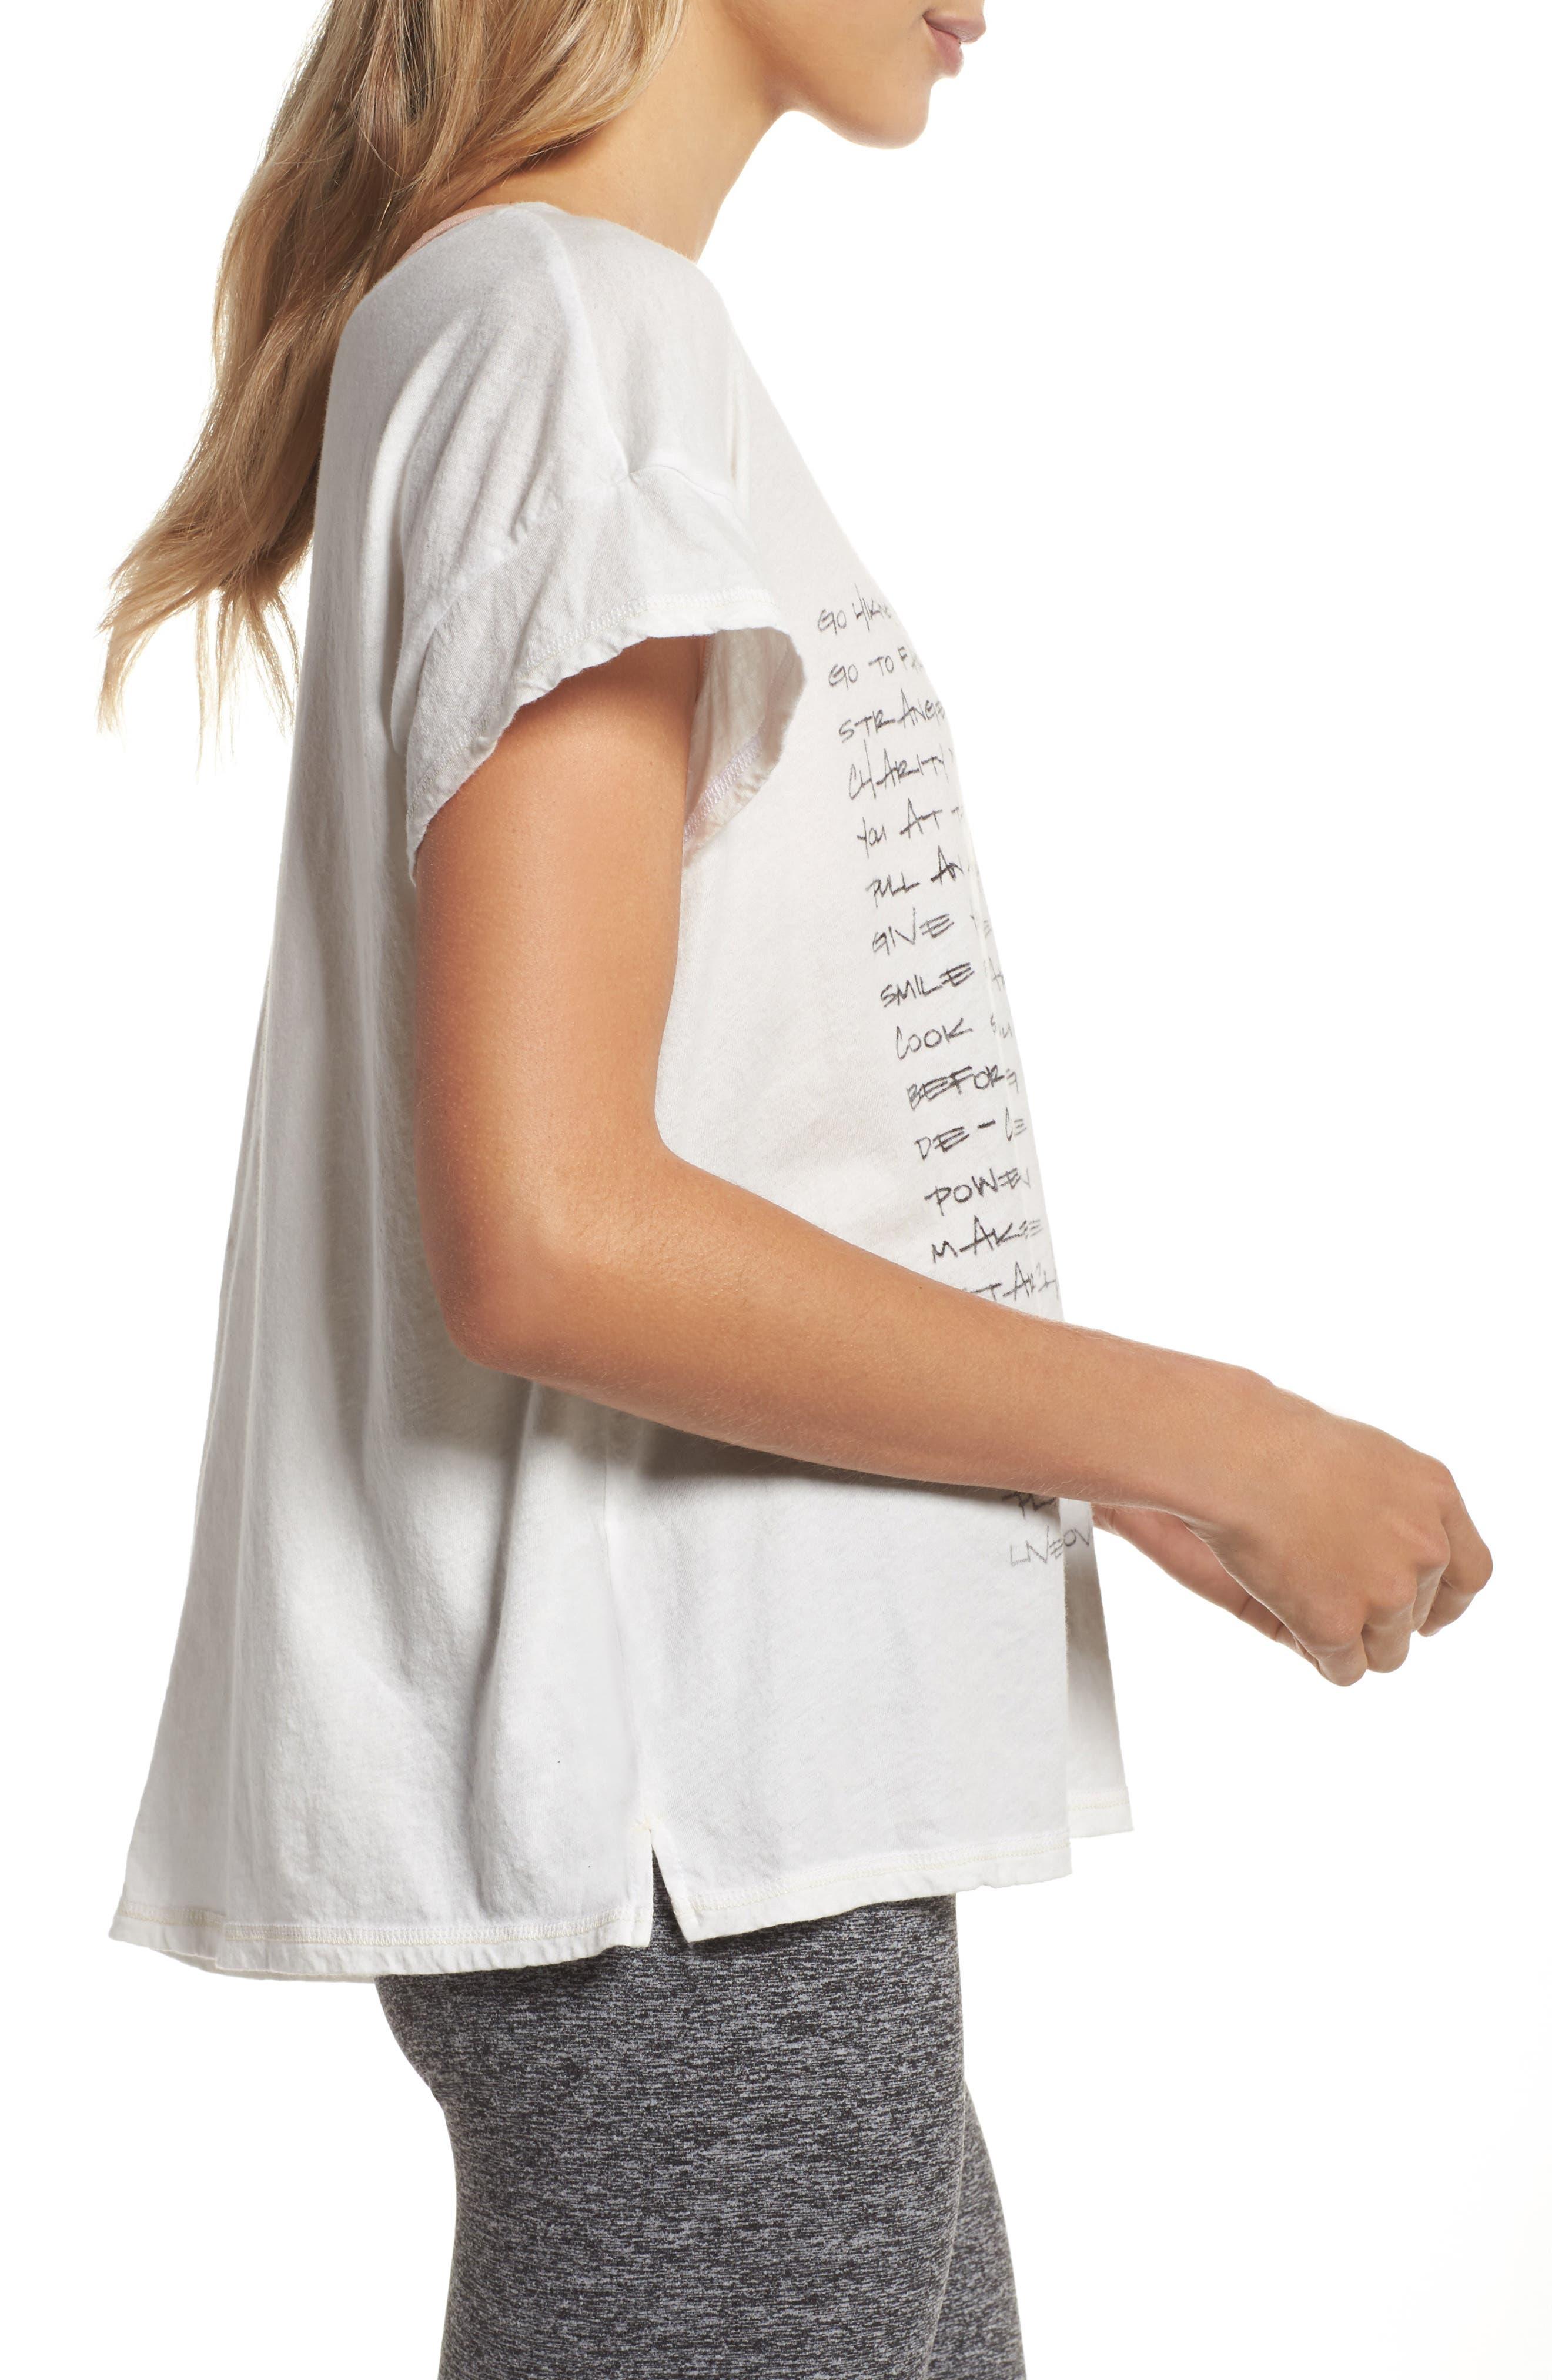 Claire To Do List Graphic Shirt,                             Alternate thumbnail 3, color,                             Salt